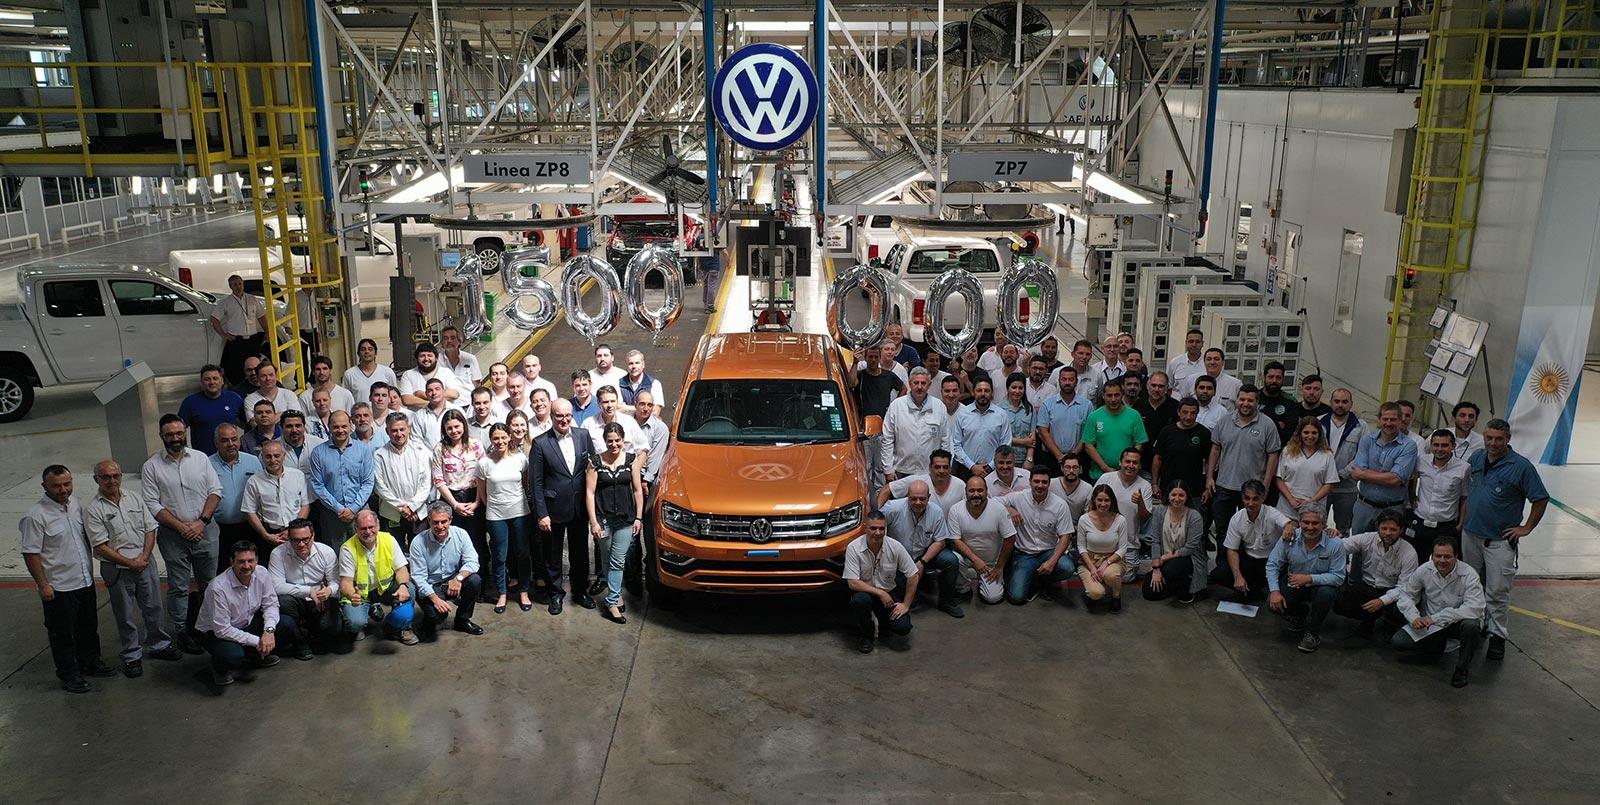 Volkswagen Argentina 1,5 millones de unidades producidas en Pacheco